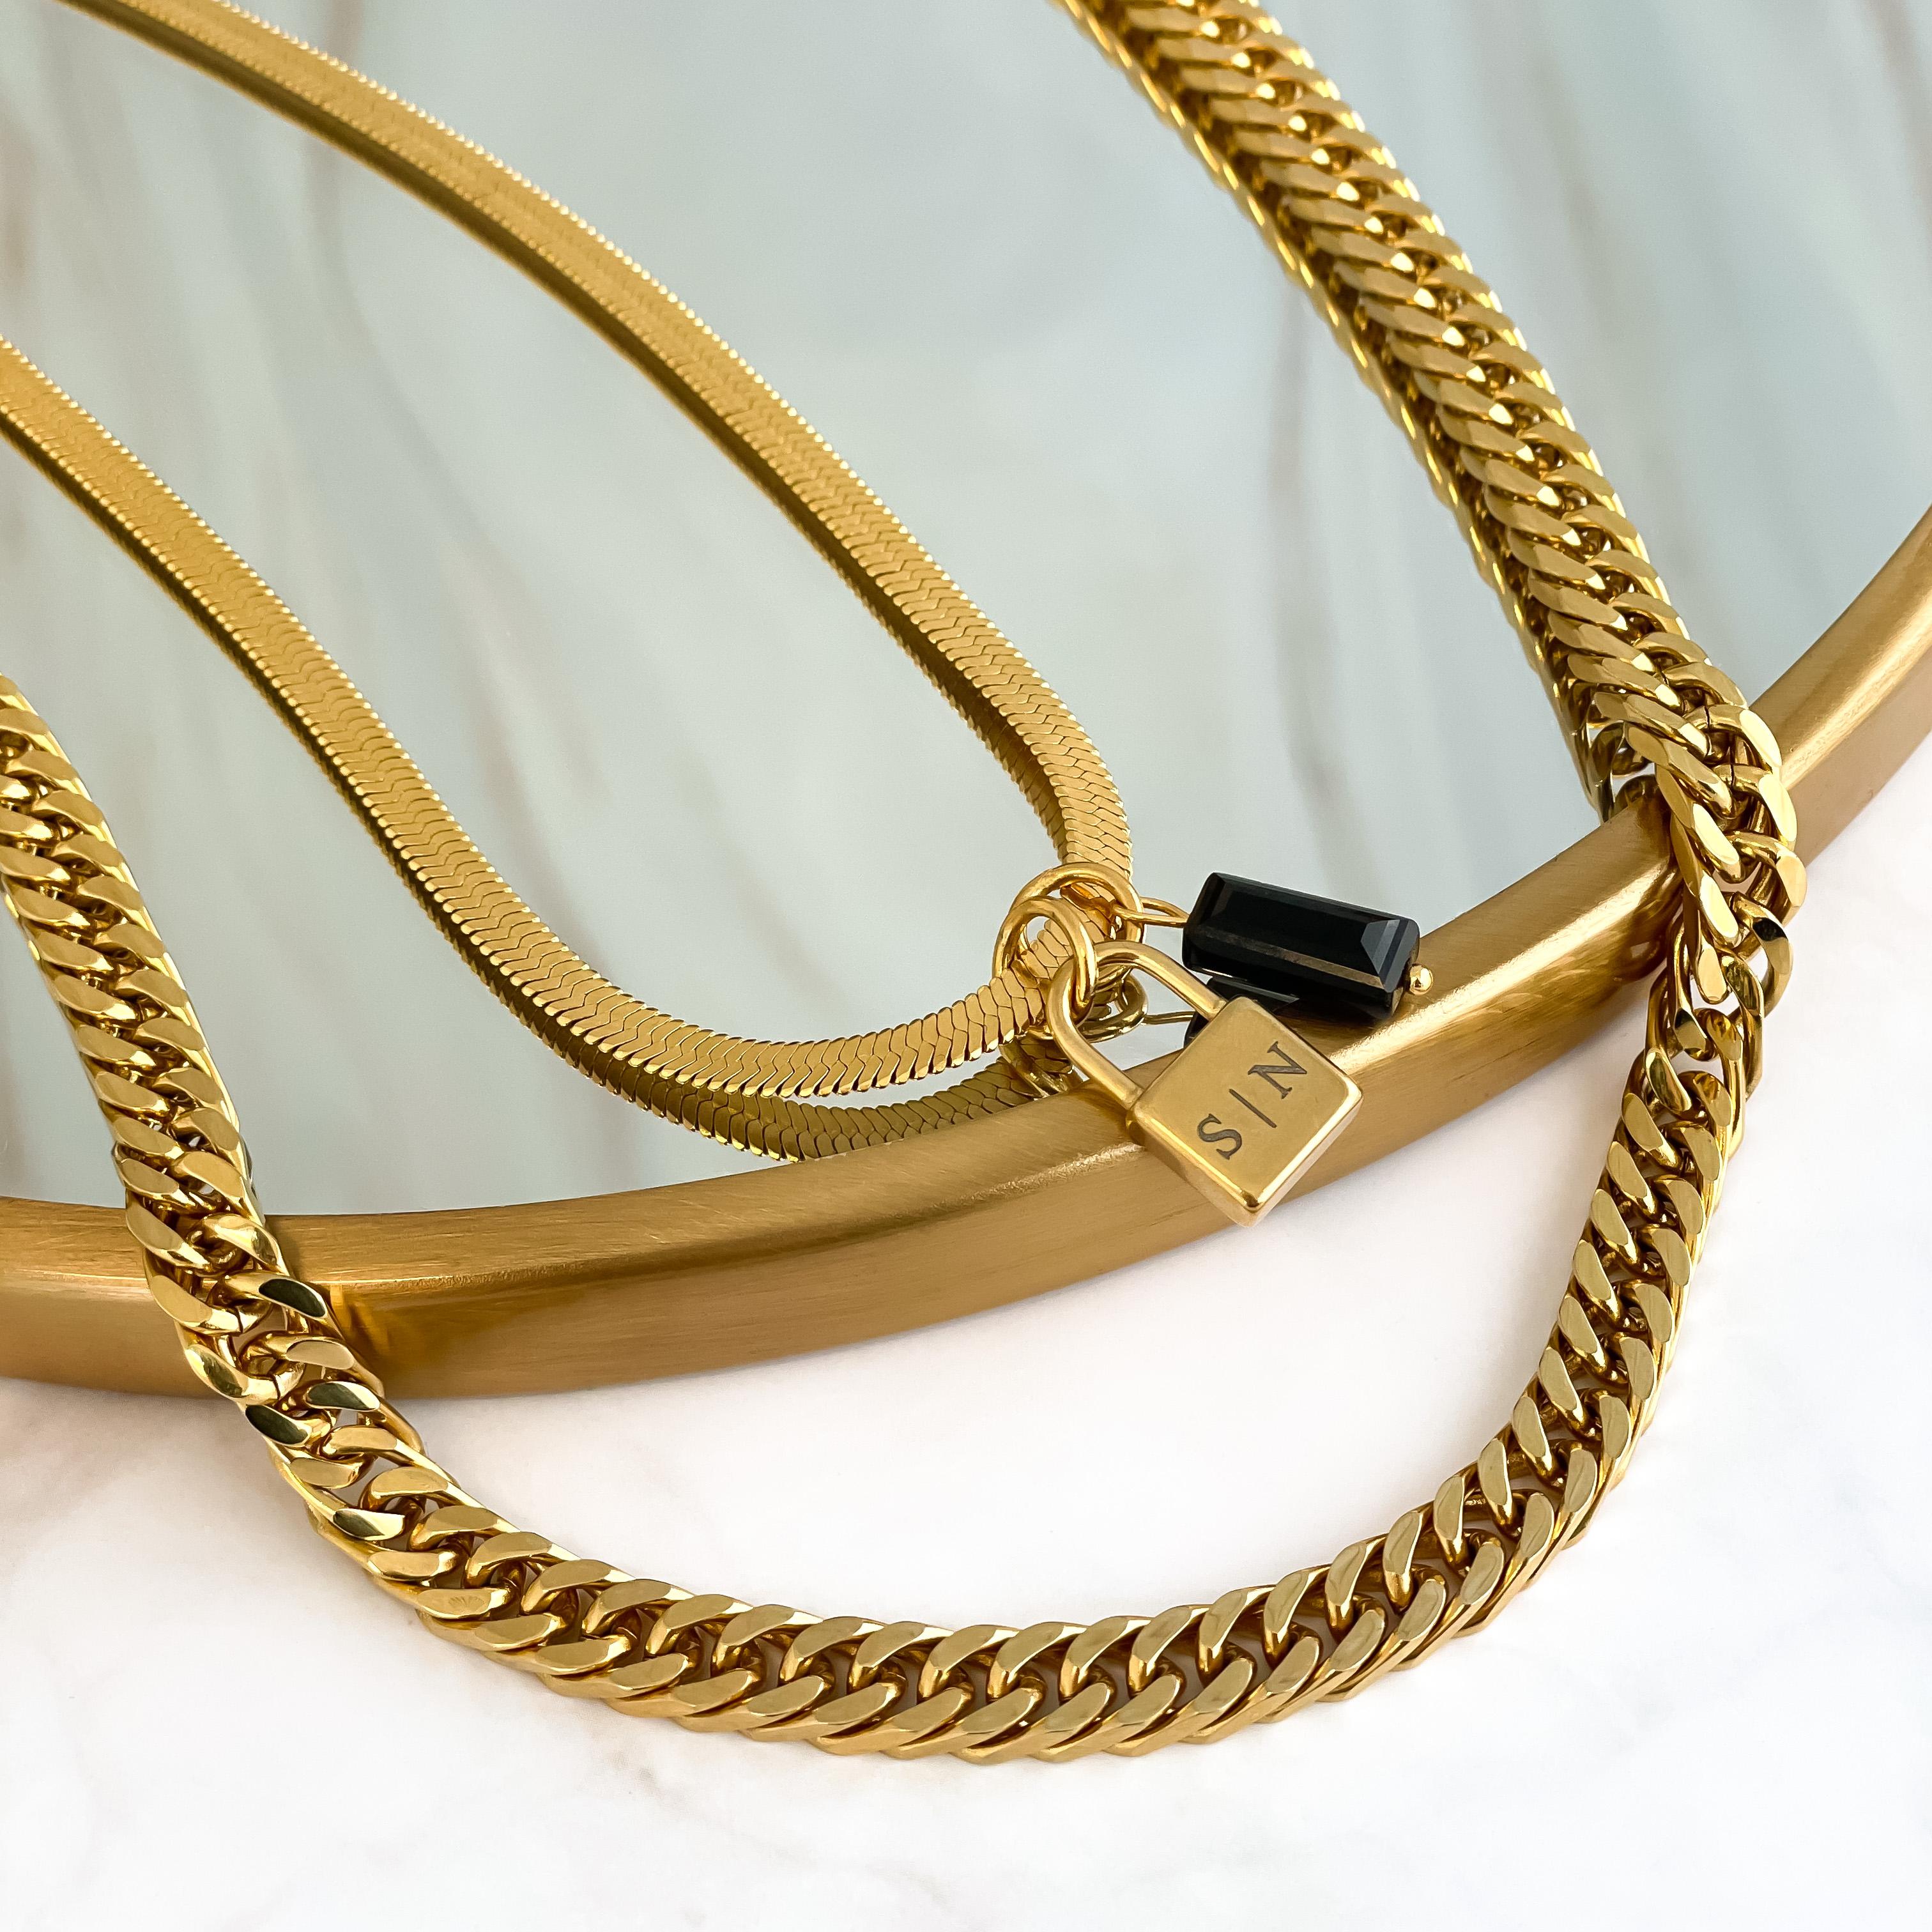 Super leuke trendy kettingen op spiegel in het goud